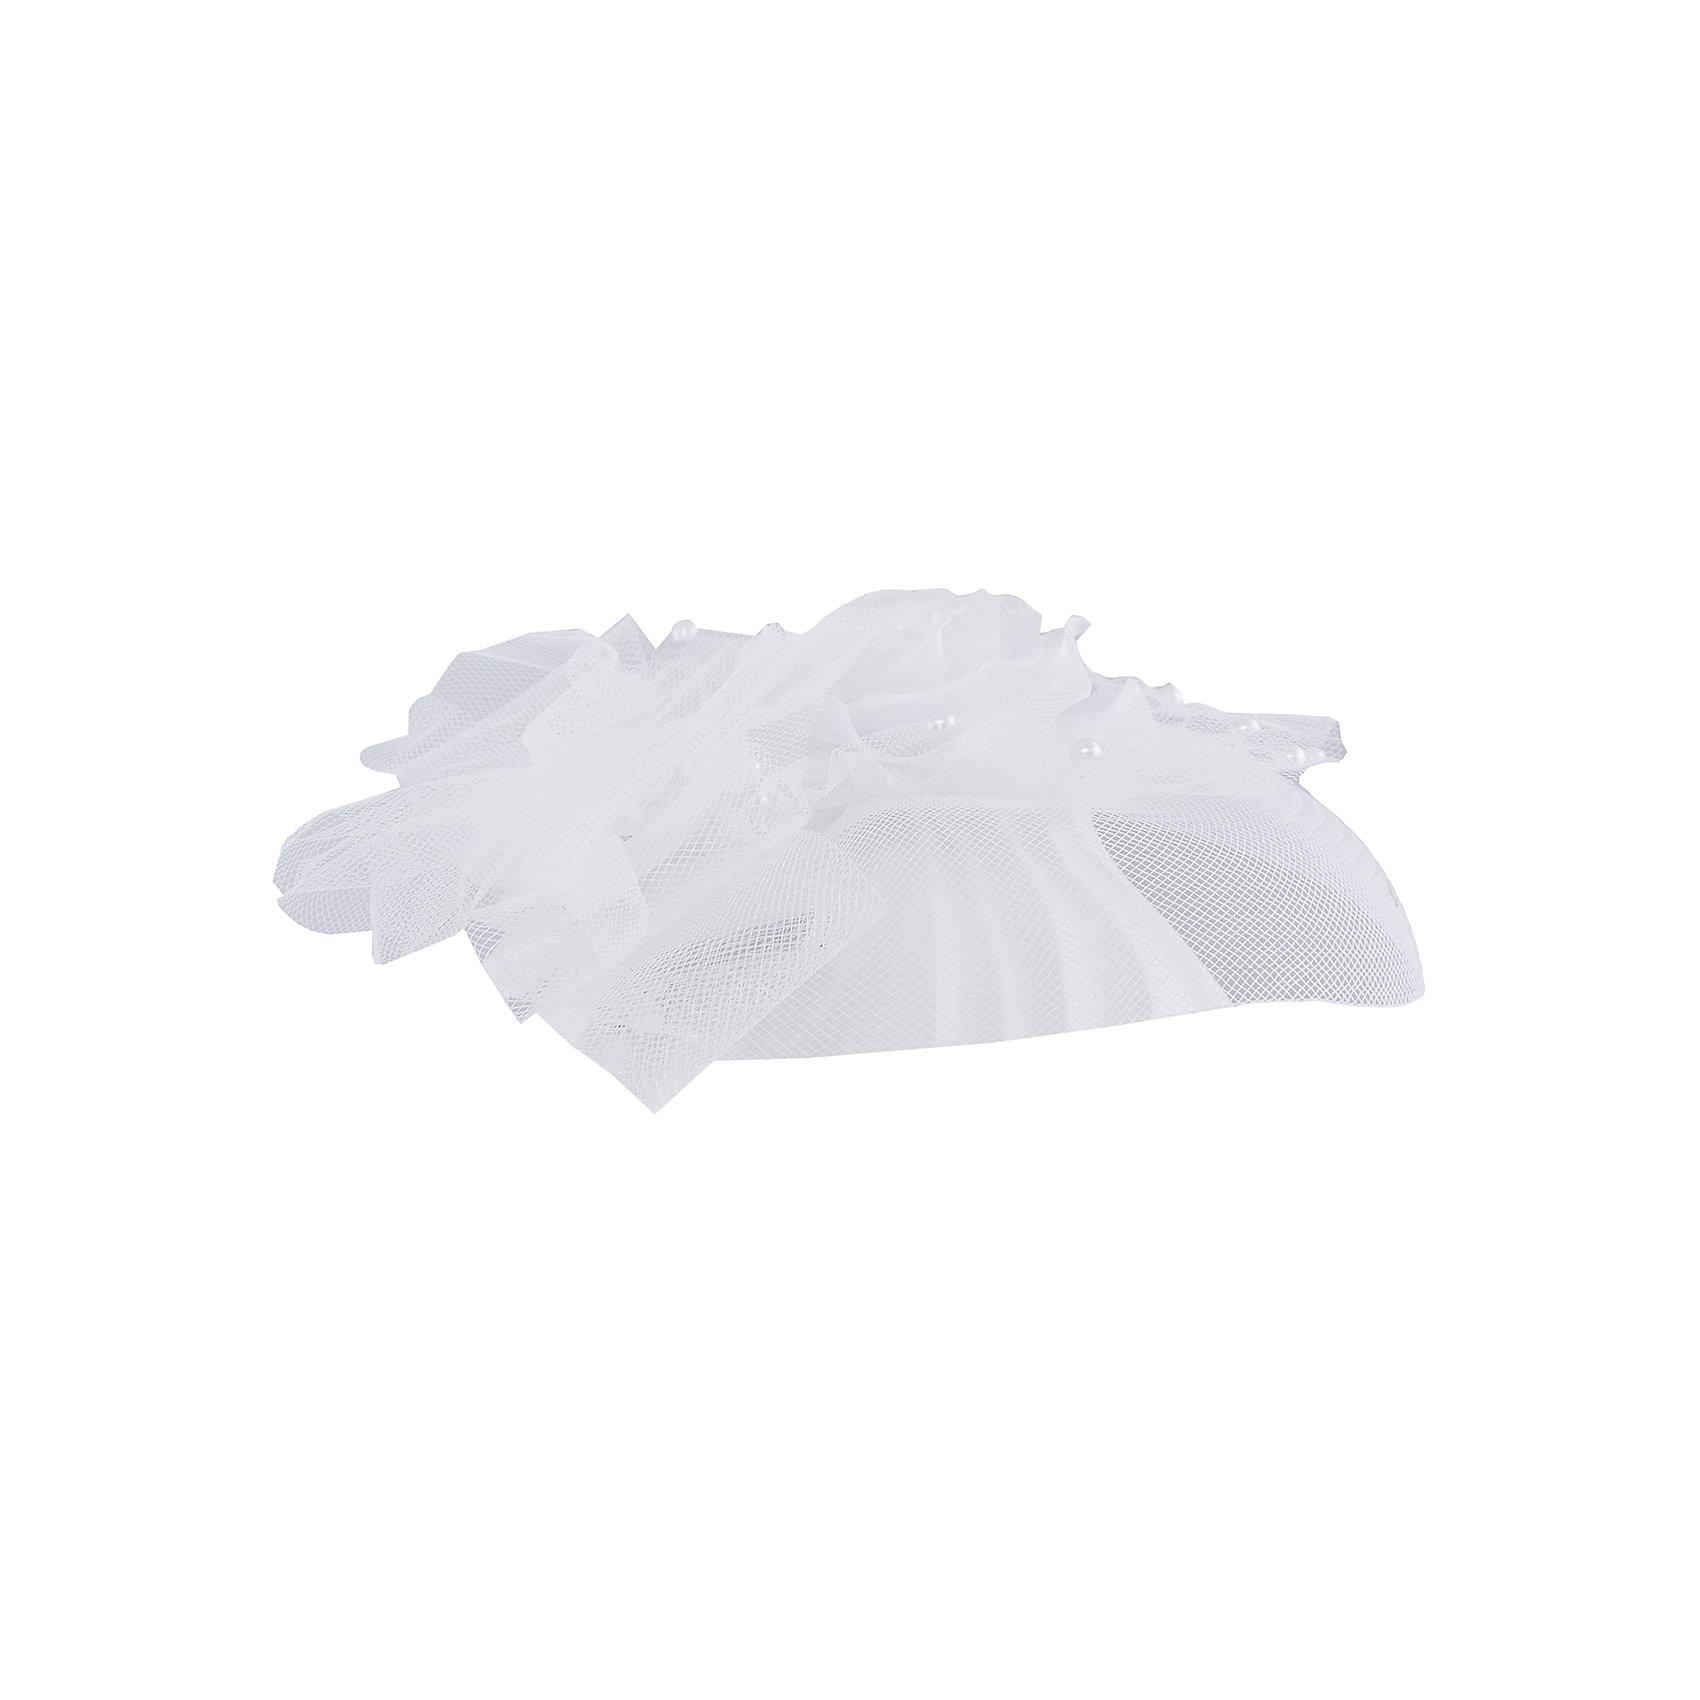 Нарядная шляпа ПрестижАксессуары<br>Шляпа для девочки Престиж.<br><br>Характеристики:<br><br>• состав: 100% полиэстер<br>• цвет: белый<br><br>Очаровательная шляпка Престиж внесет нотку утонченности в праздничный образ девочки. Аксессуар выполнен в форме объемной белой шляпки с золотыми нитями. Шляпка украшена декоративным цветком и бусинами.<br><br>Вы можете купить шляпу для девочки Престиж в нашем интернет-магазине.<br><br>Ширина мм: 89<br>Глубина мм: 117<br>Высота мм: 44<br>Вес г: 155<br>Цвет: белый<br>Возраст от месяцев: 132<br>Возраст до месяцев: 144<br>Пол: Женский<br>Возраст: Детский<br>Размер: one size<br>SKU: 5158381